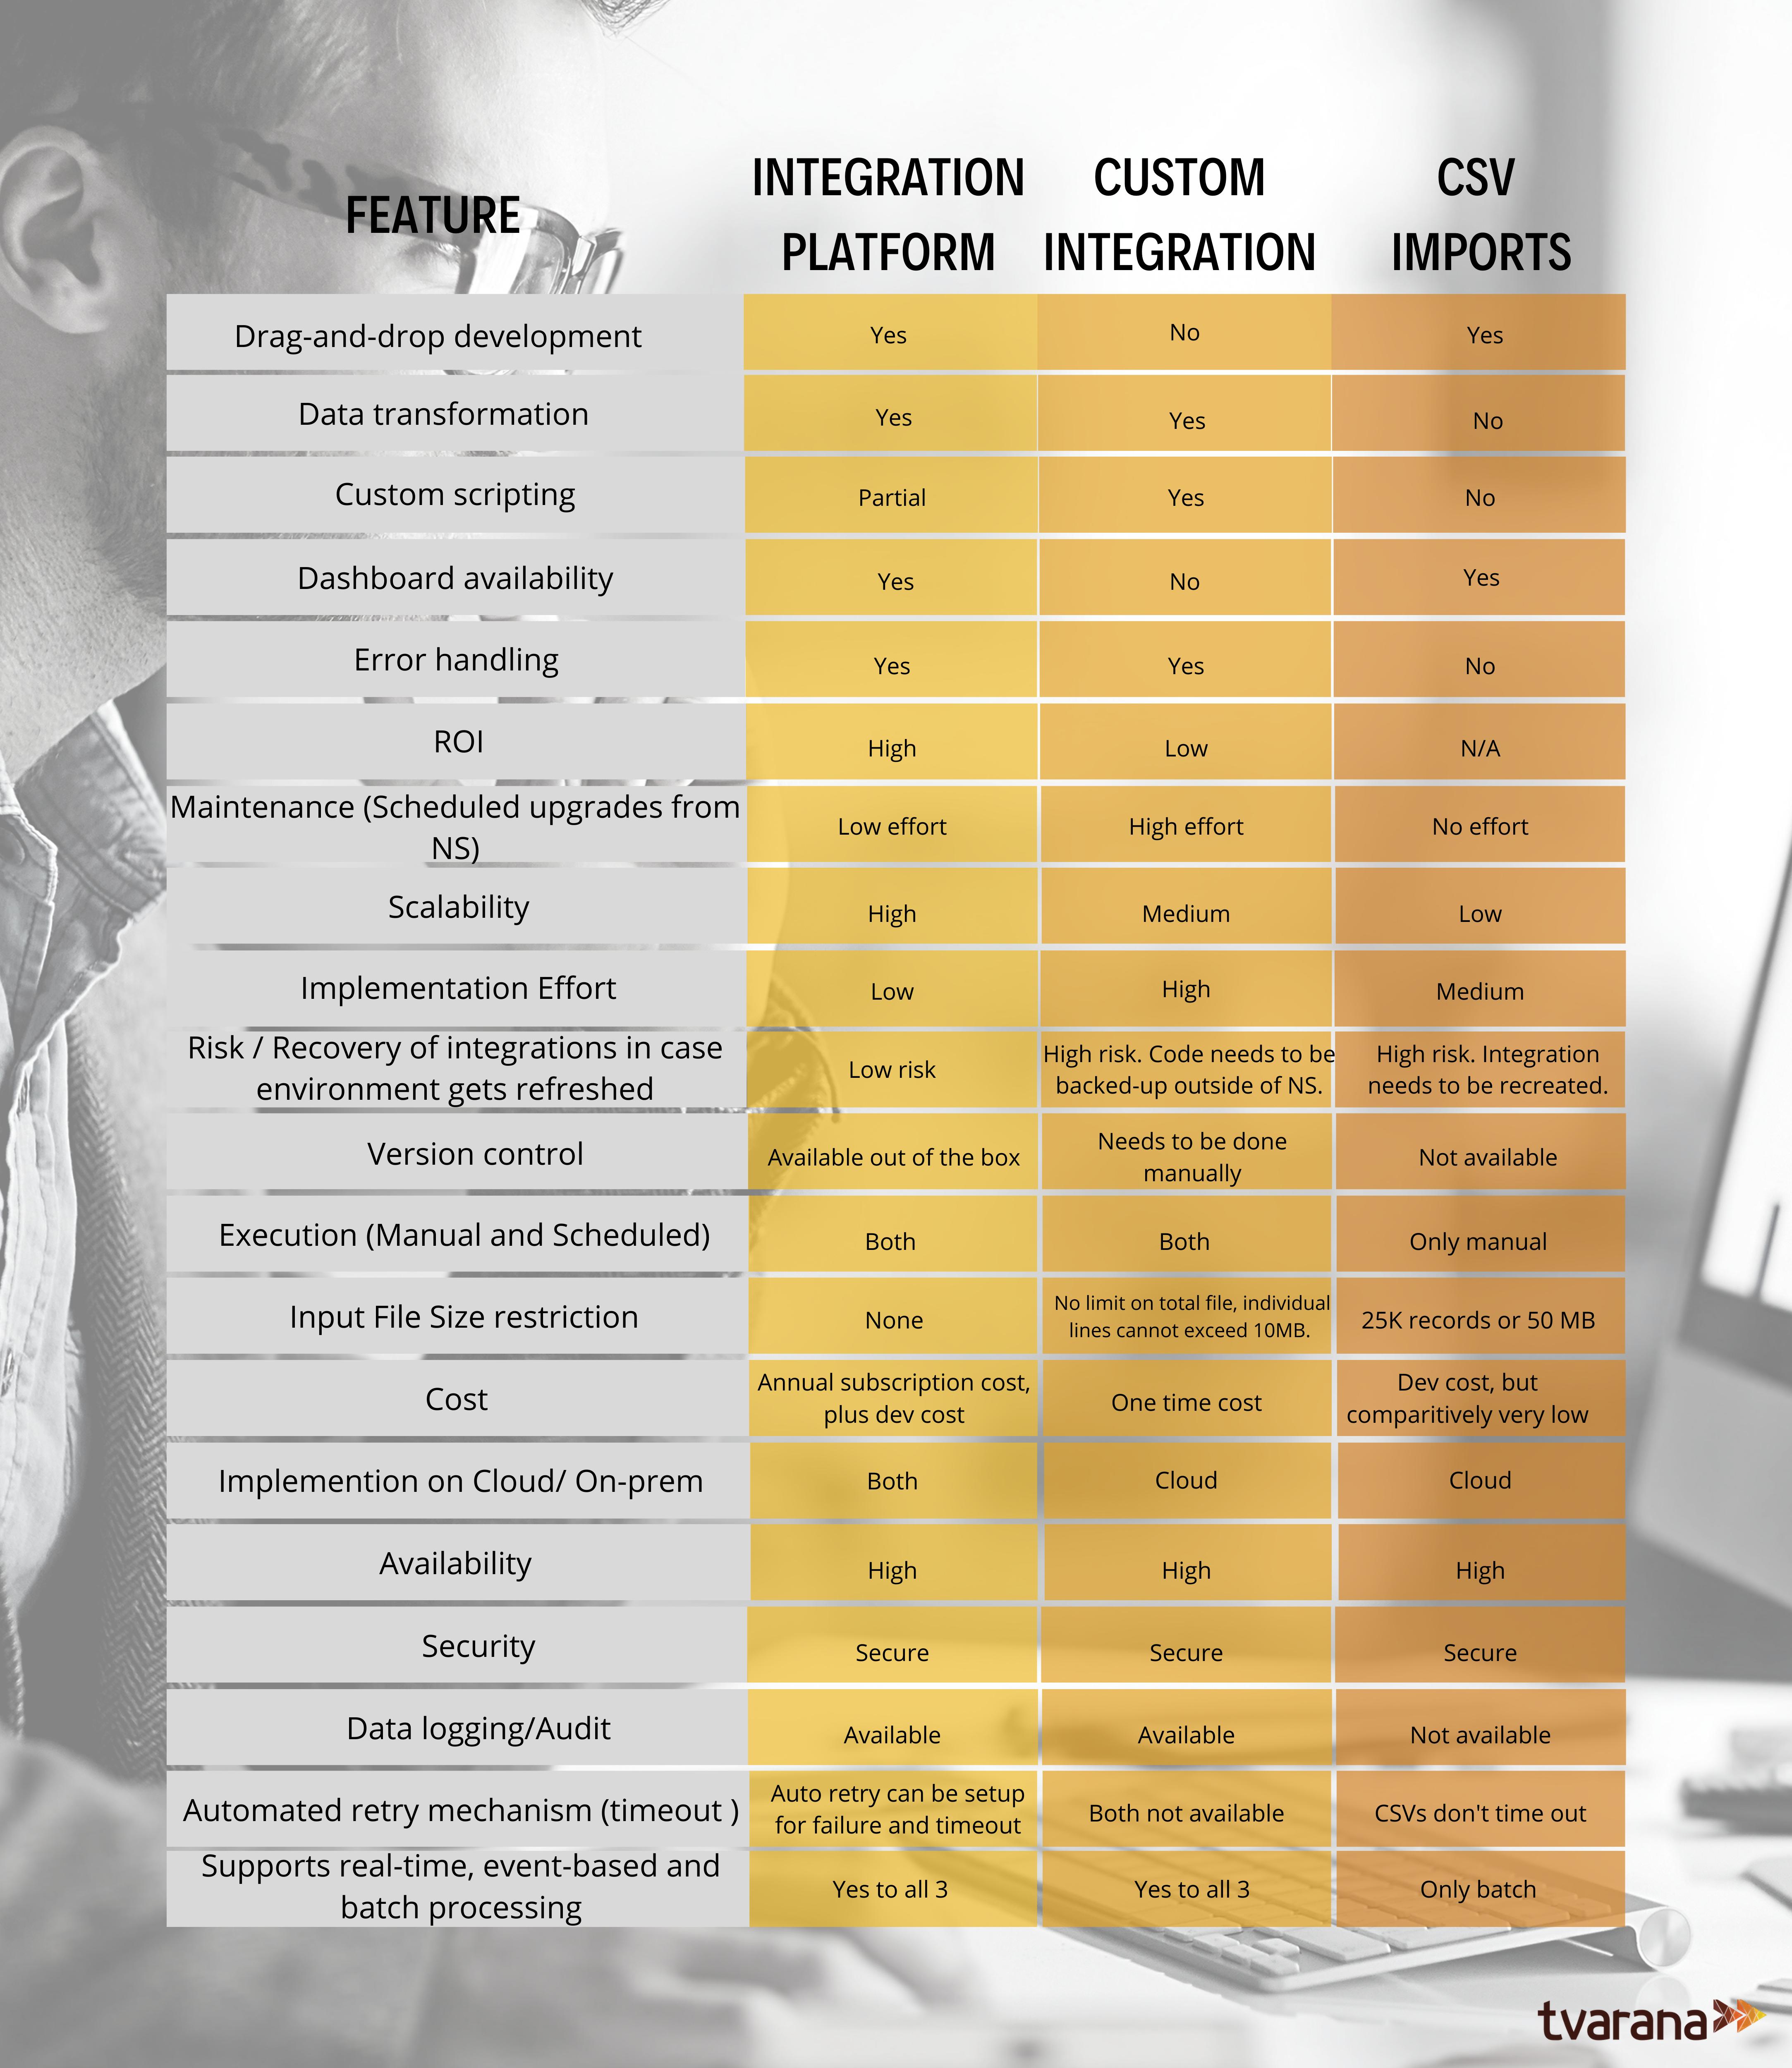 Integration platform vs custom integration vs CSV imports (1)